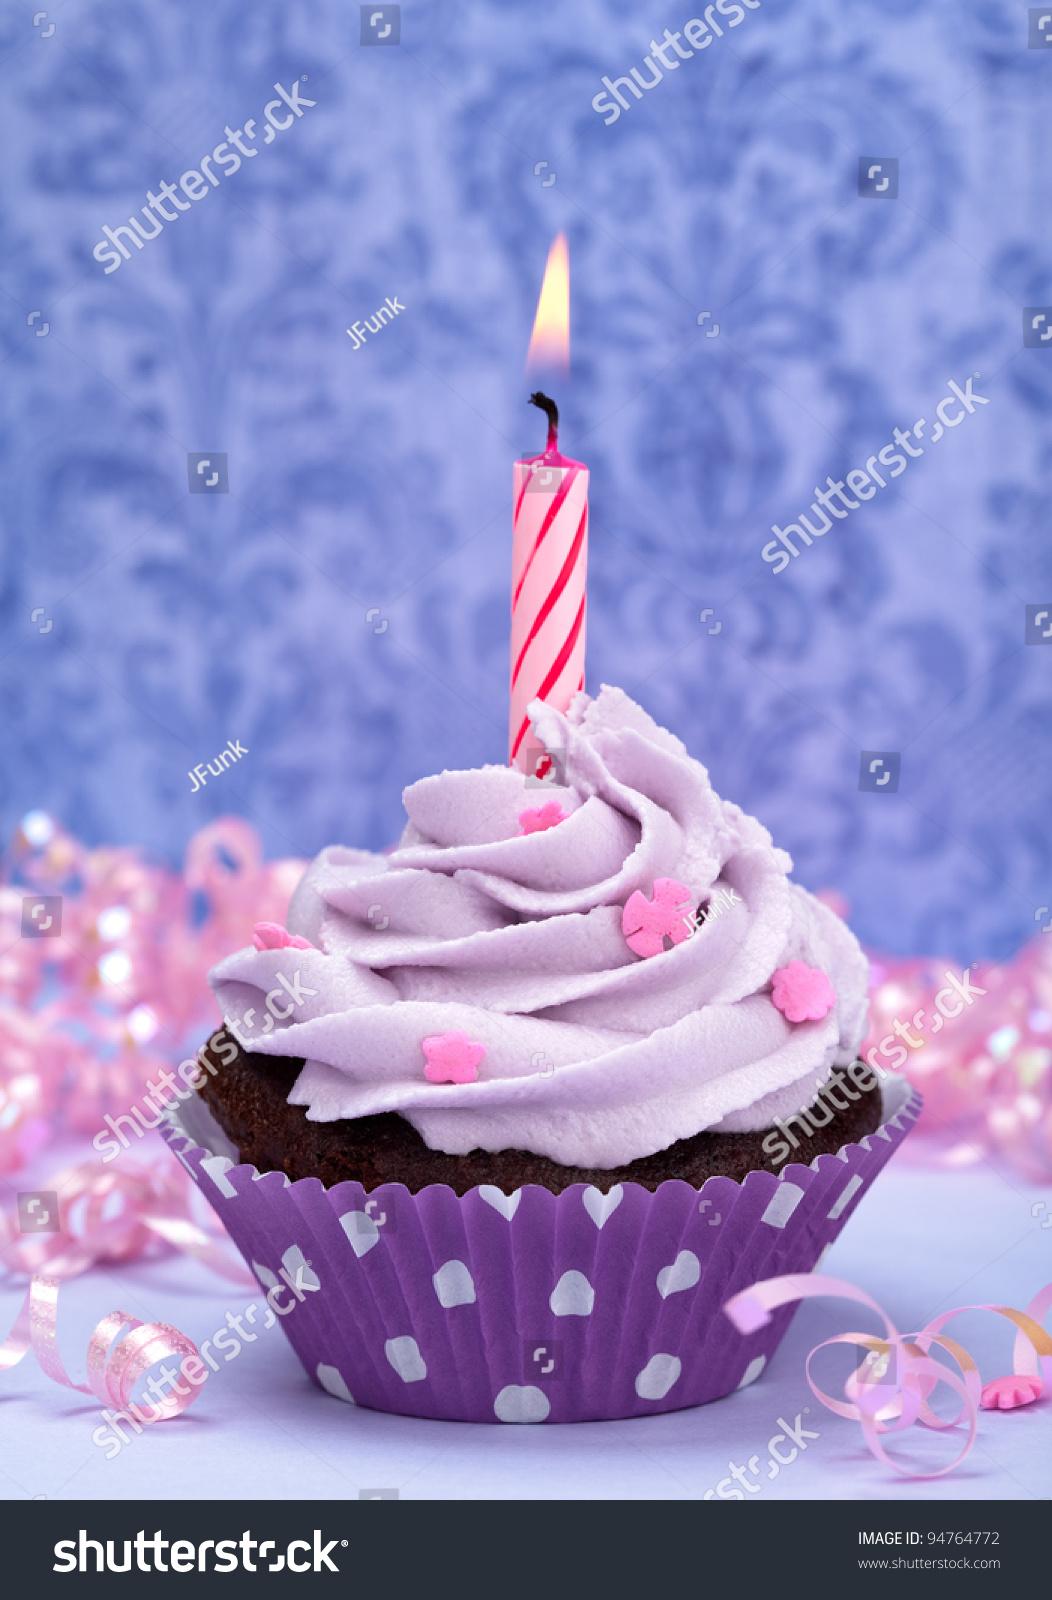 Purple Birthday Cupcake Stock Photo 94764772 Shutterstock